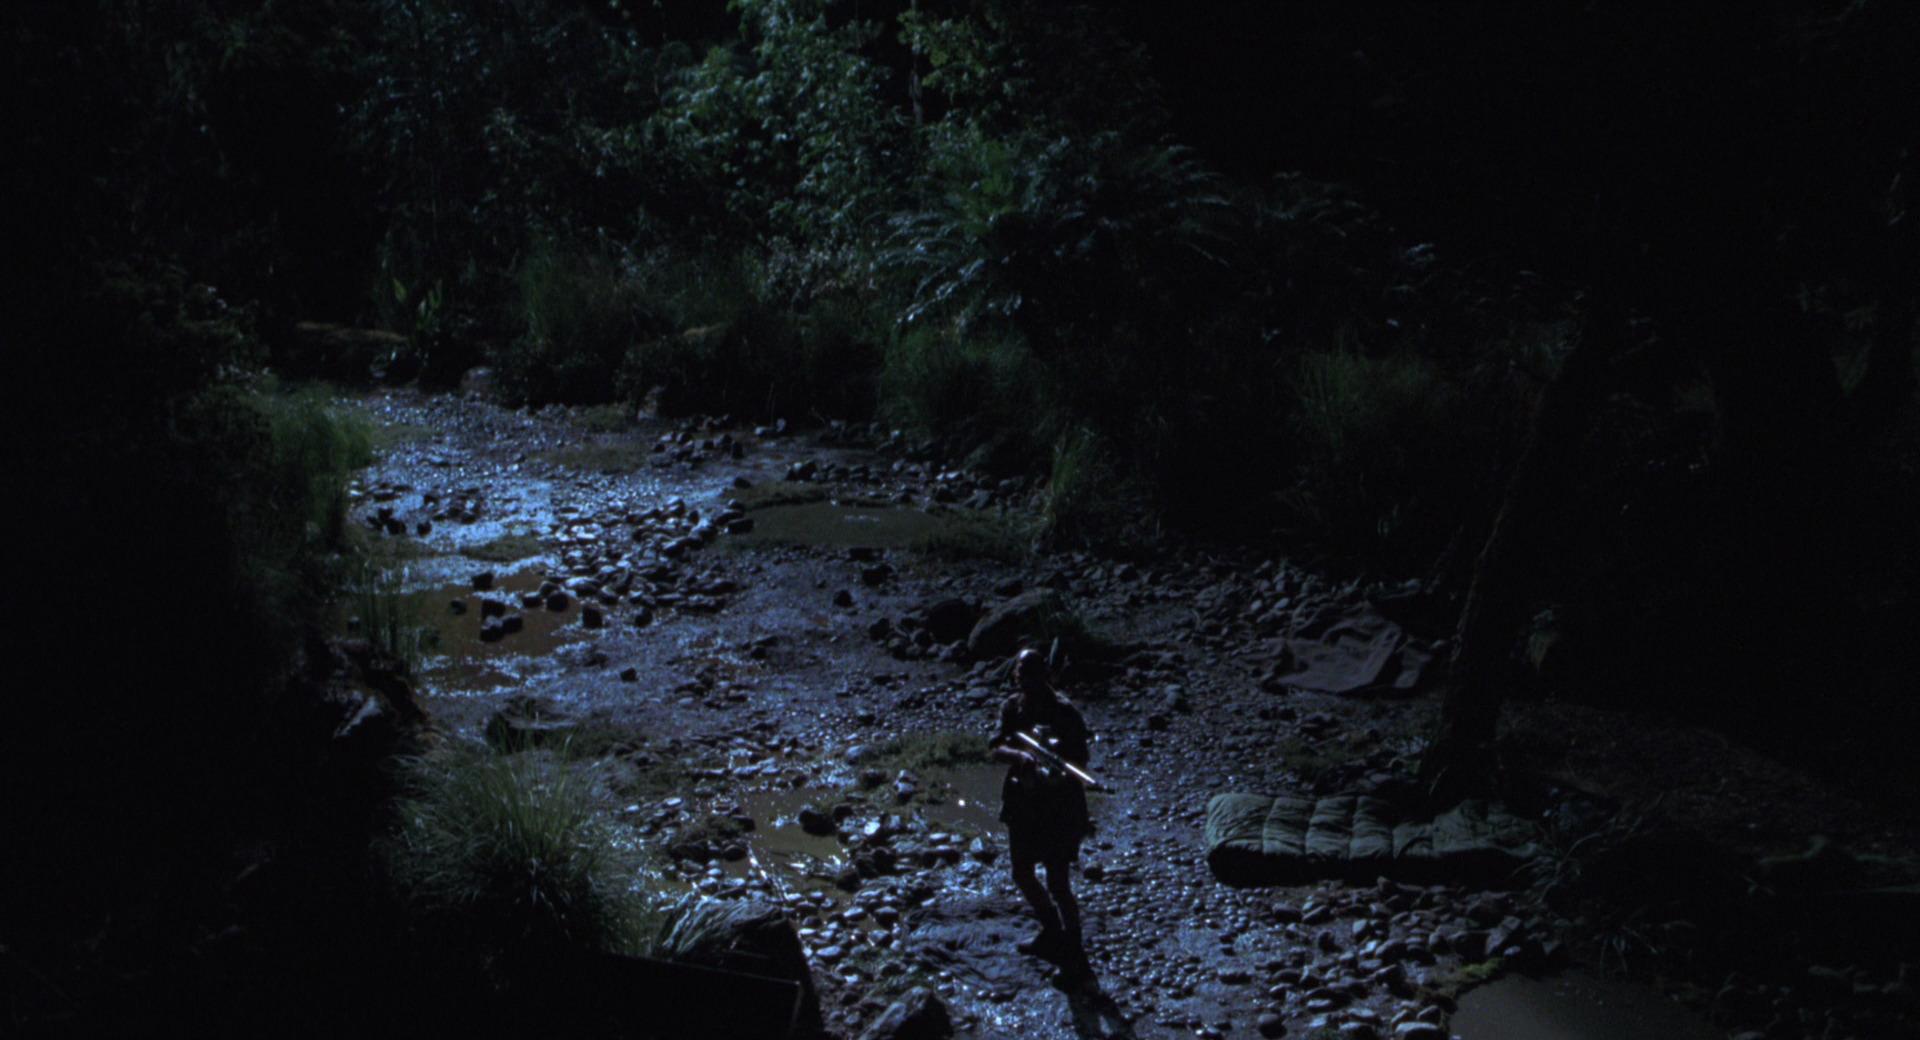 The Lost World Jurassic Park Screencaps are here Jurassic-lost-world-movie-screencaps.com-10072